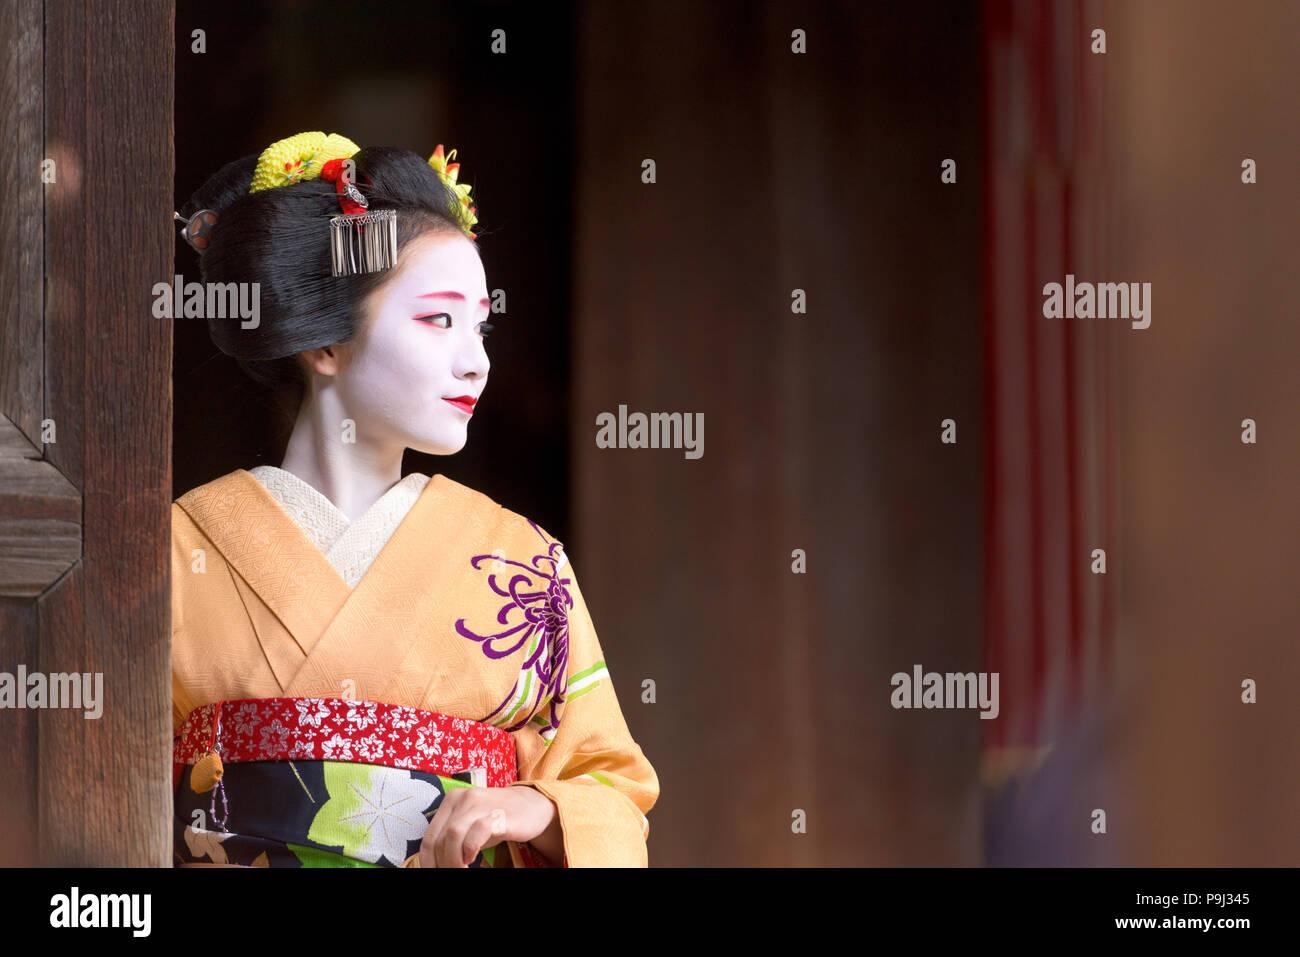 KYOTO, Japan - 28. NOVEMBER 2015: eine Frau in der traditionellen Maiko Kleid auf einem Tempel Tür. Stockbild